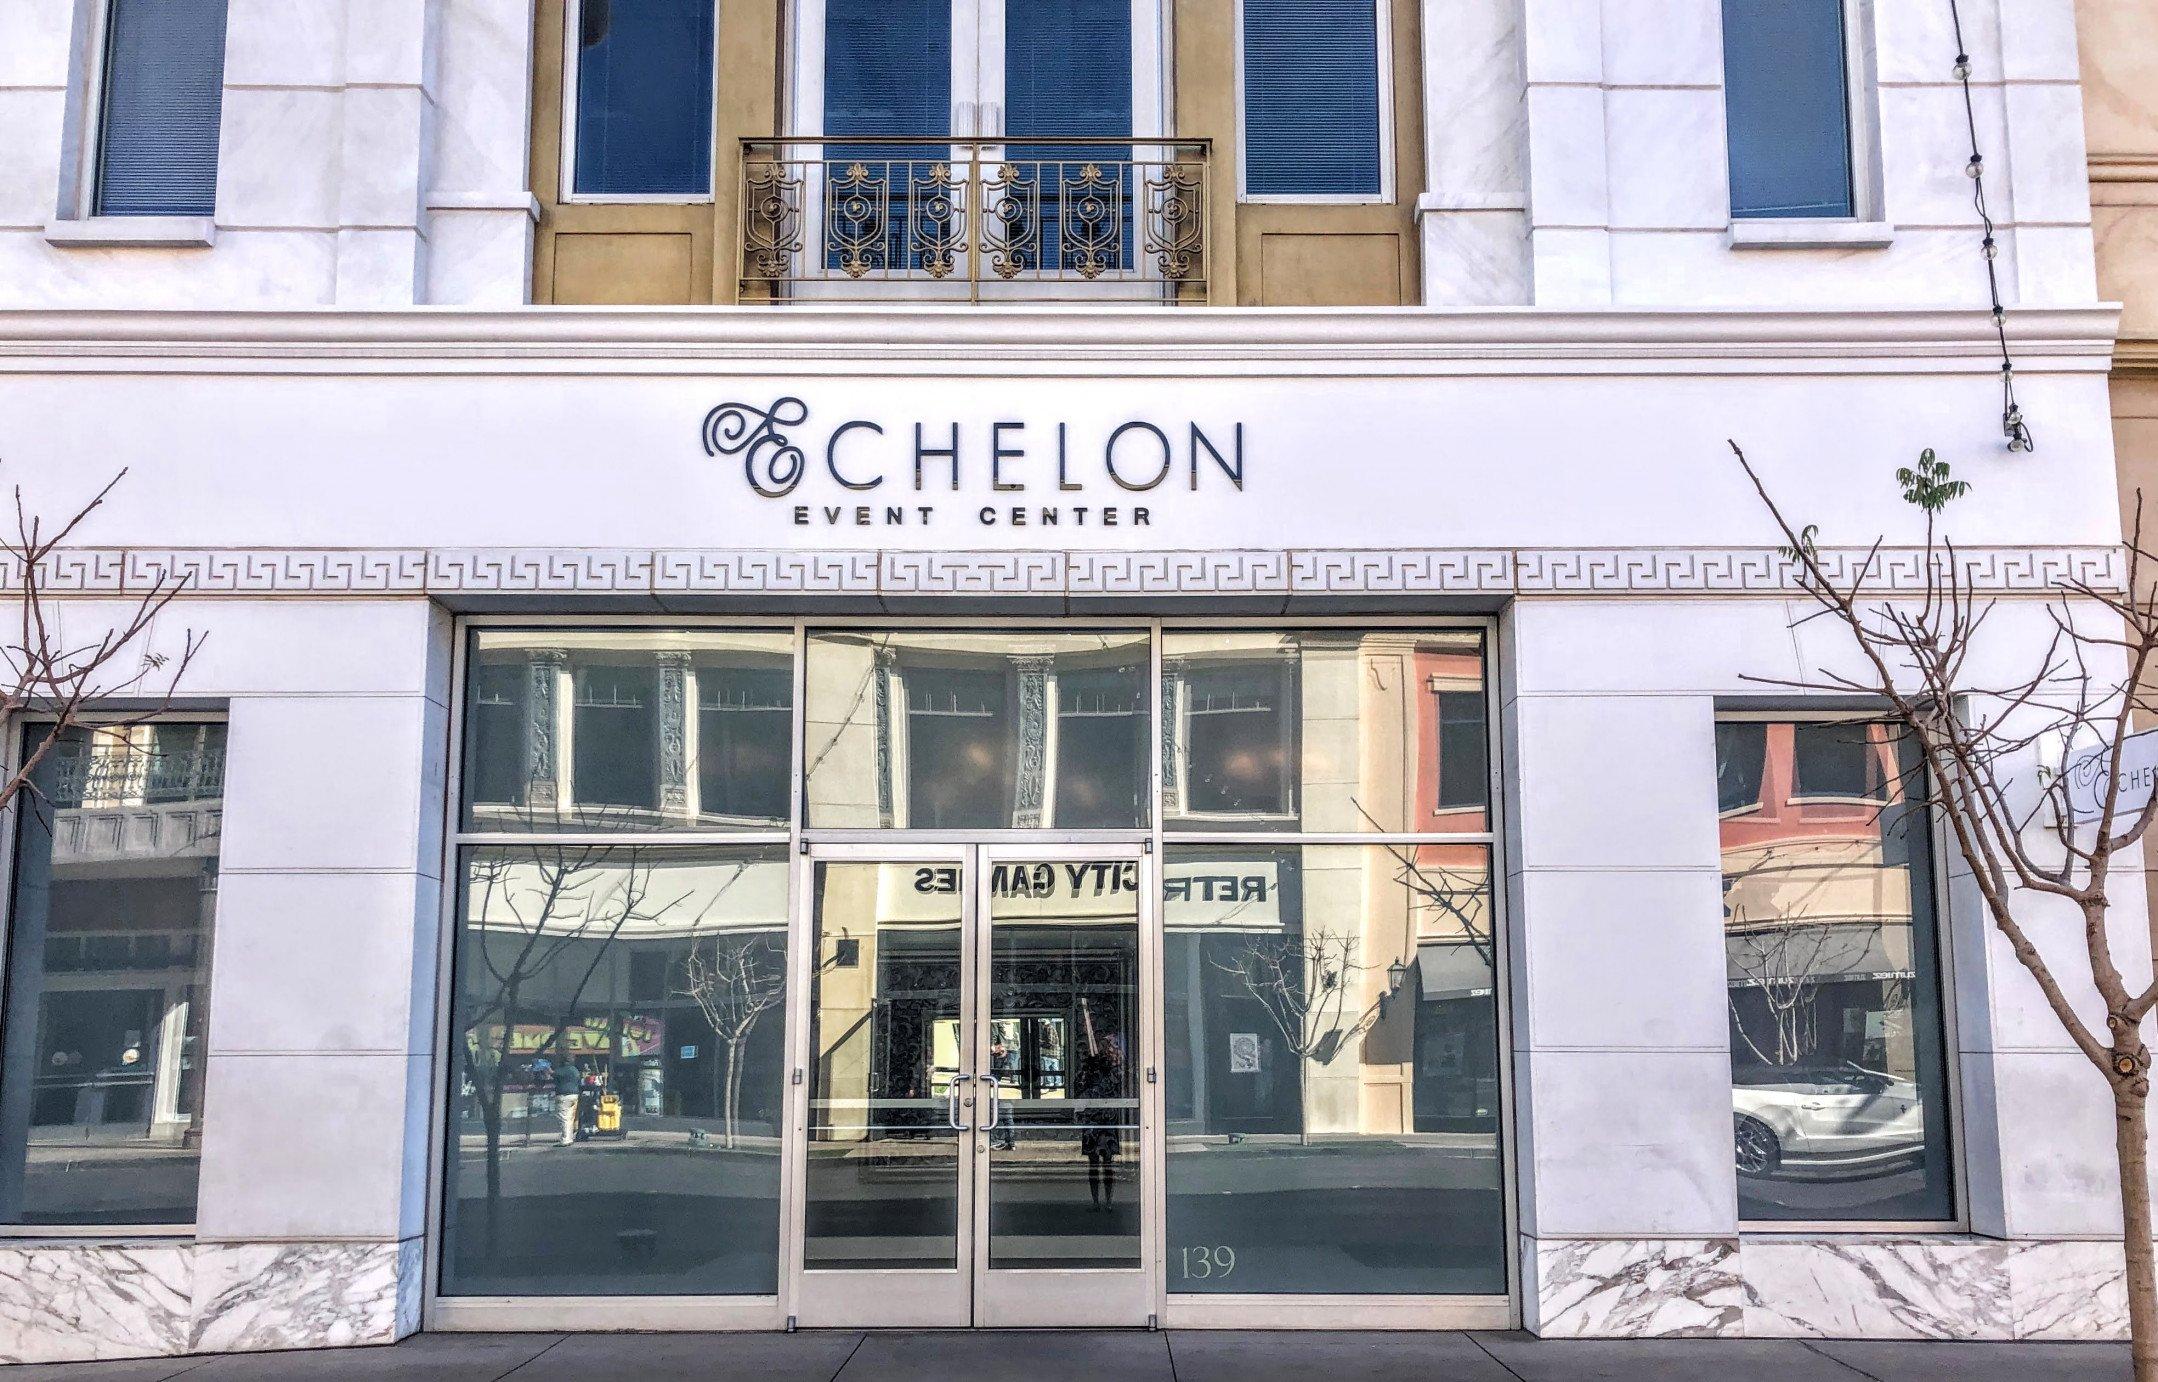 Echelon Event Center